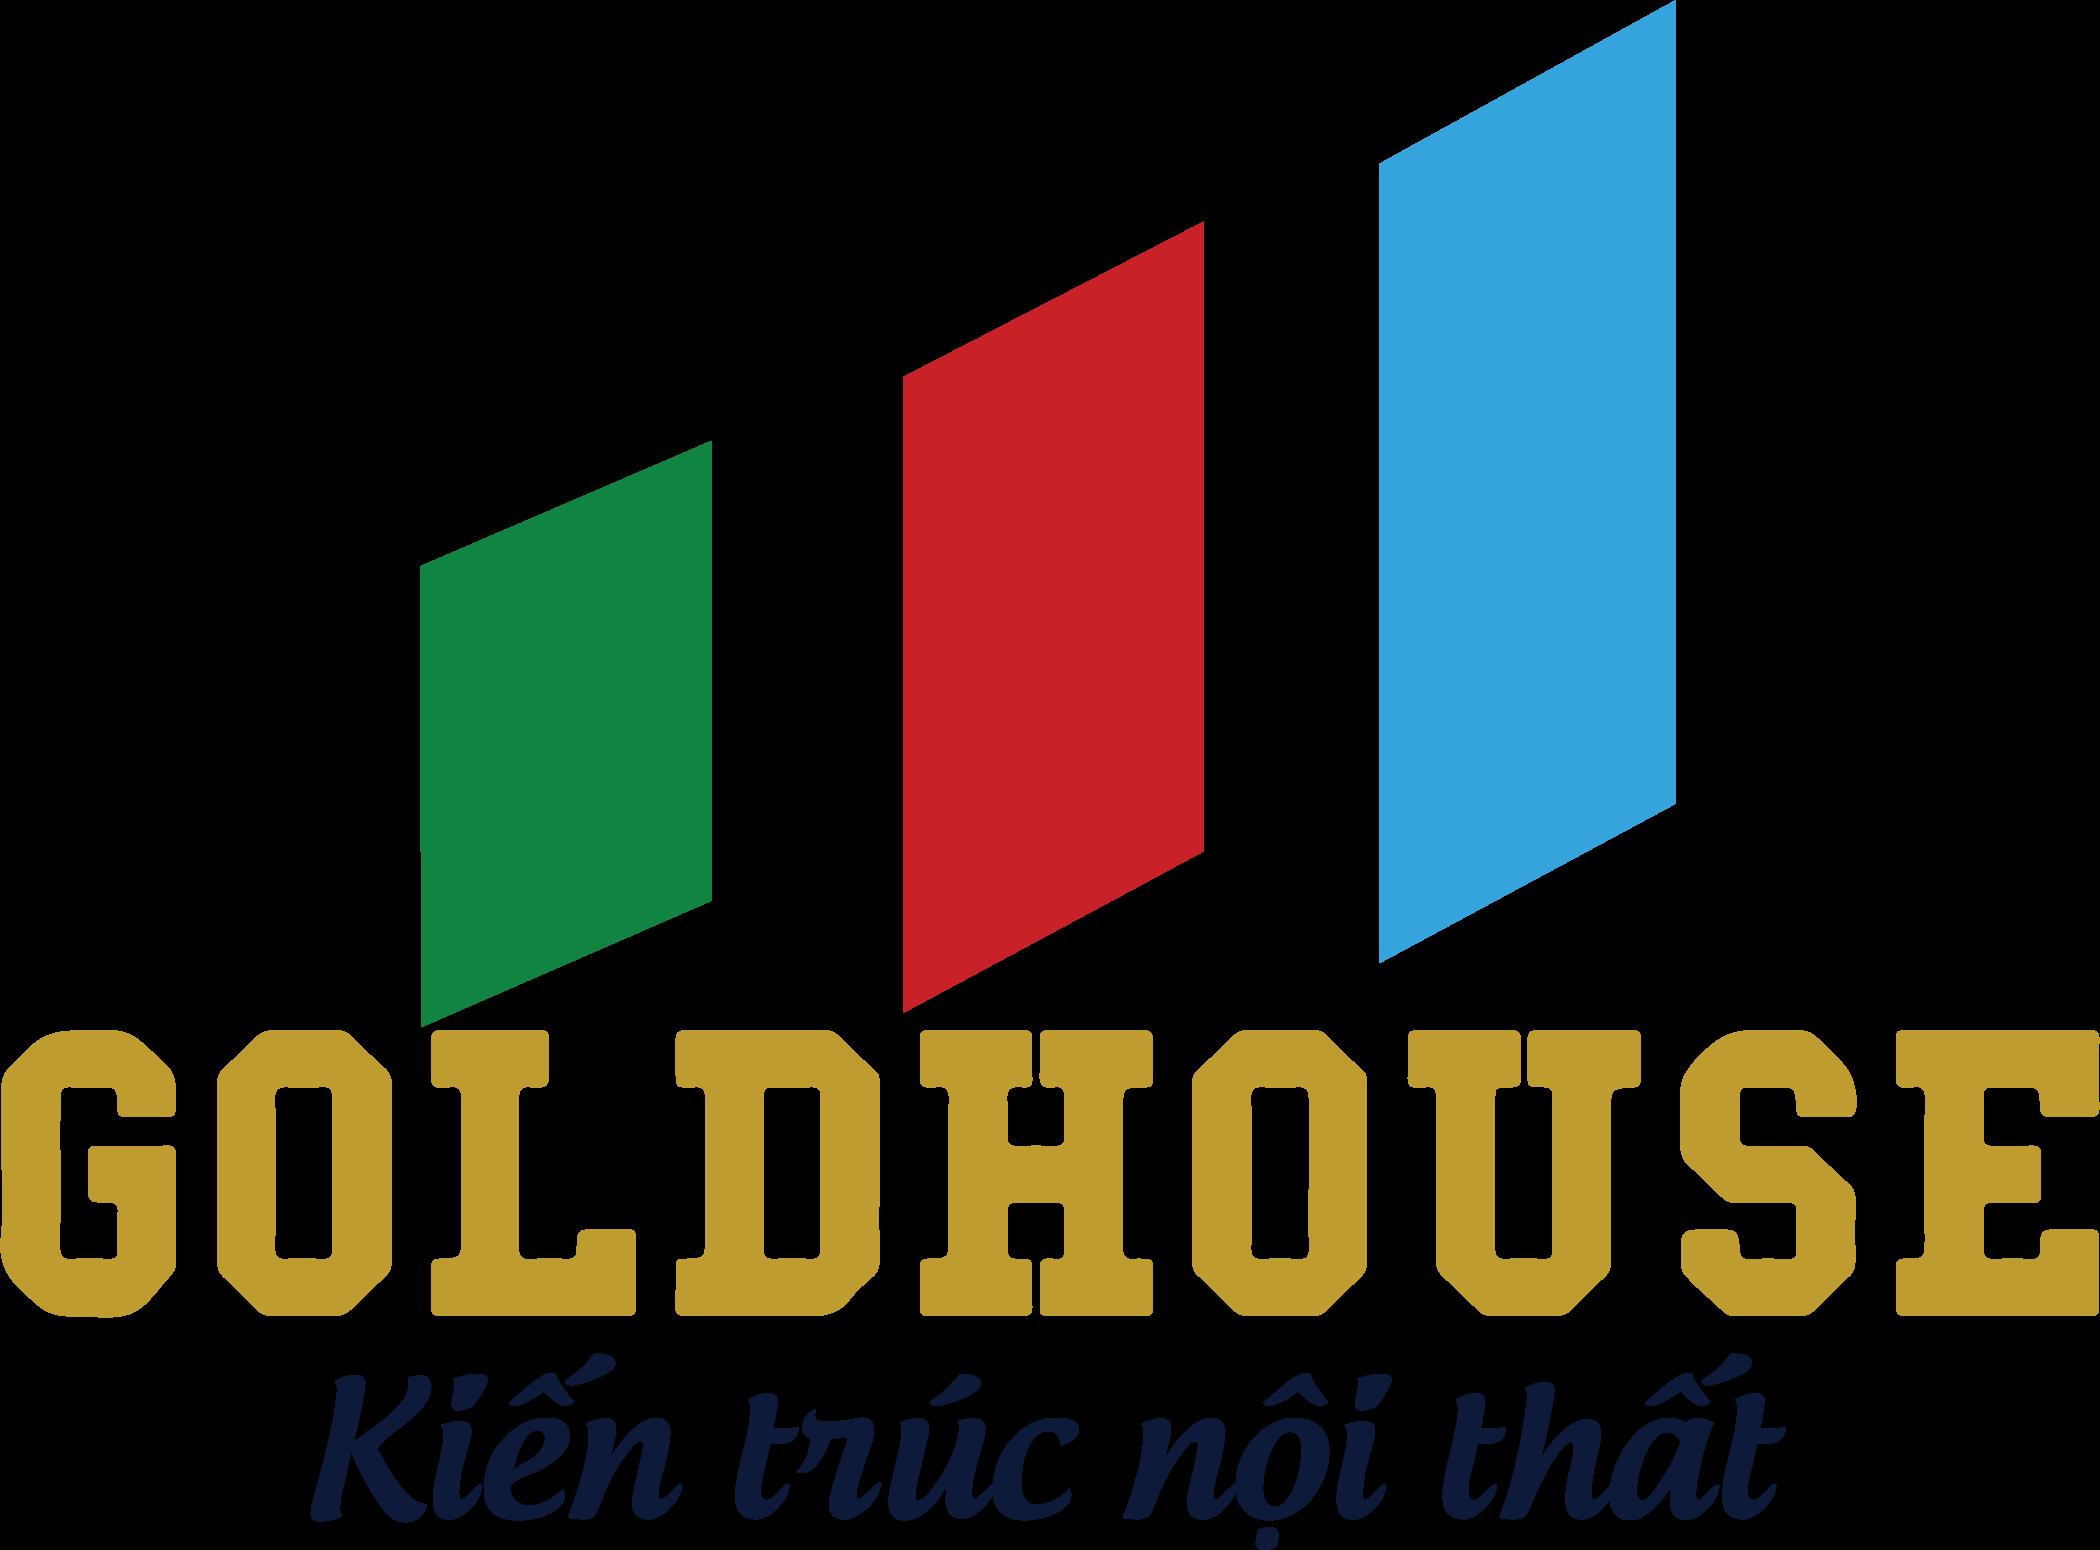 Nội thất Goldhouse – Tư vấn – Thiết kế nội thất